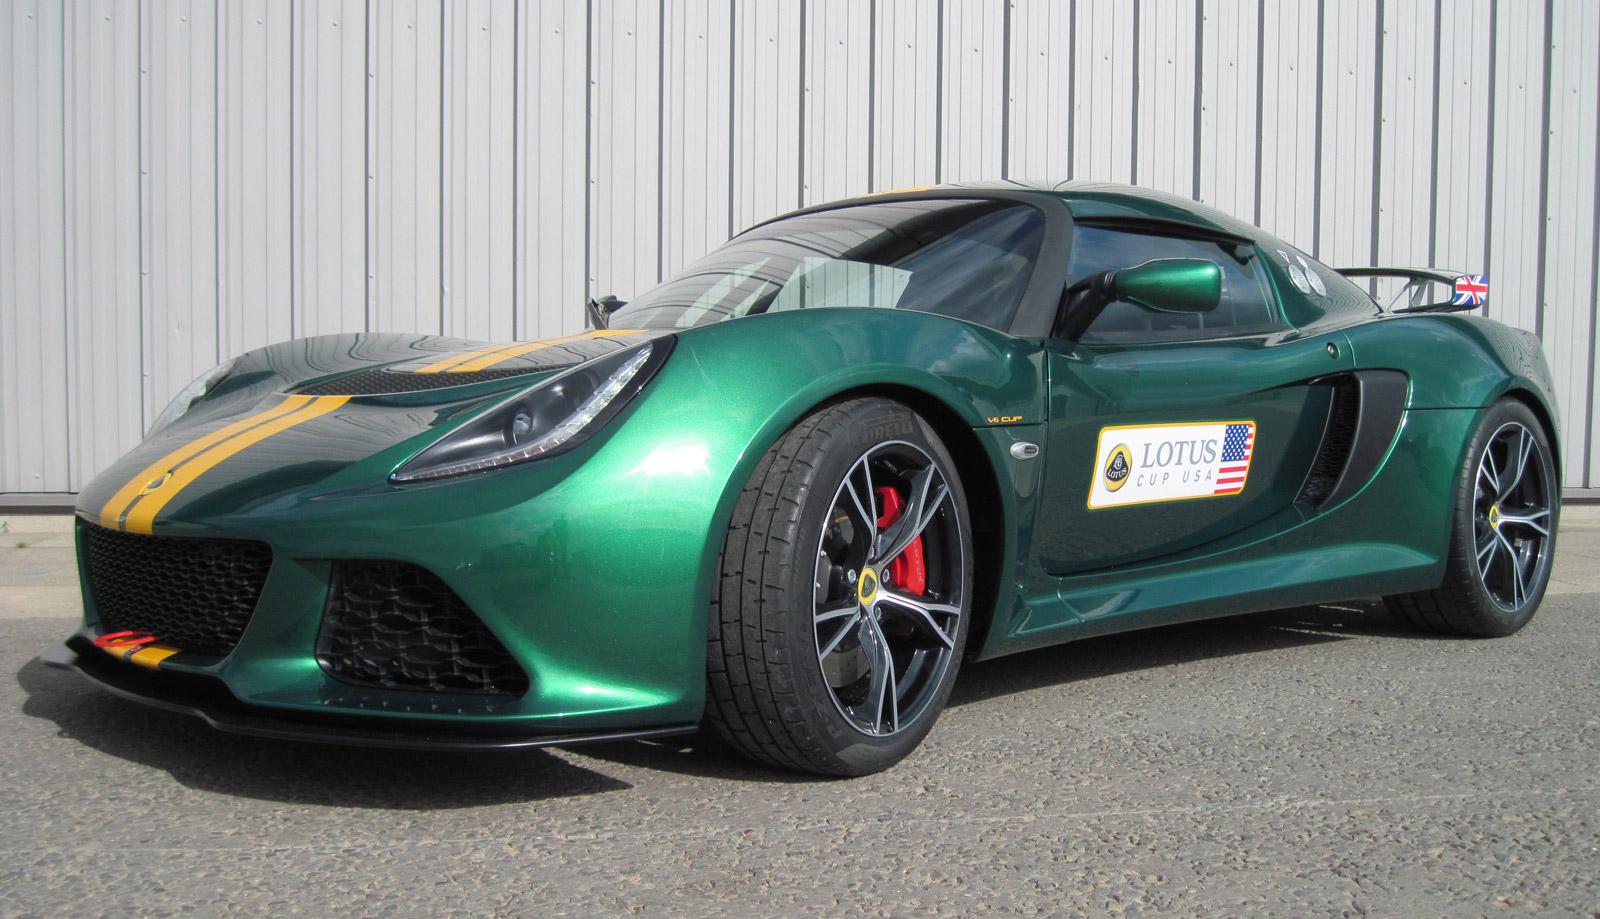 Track A Car: Lotus Confirms Exige V6 Cup Track Car For U.S